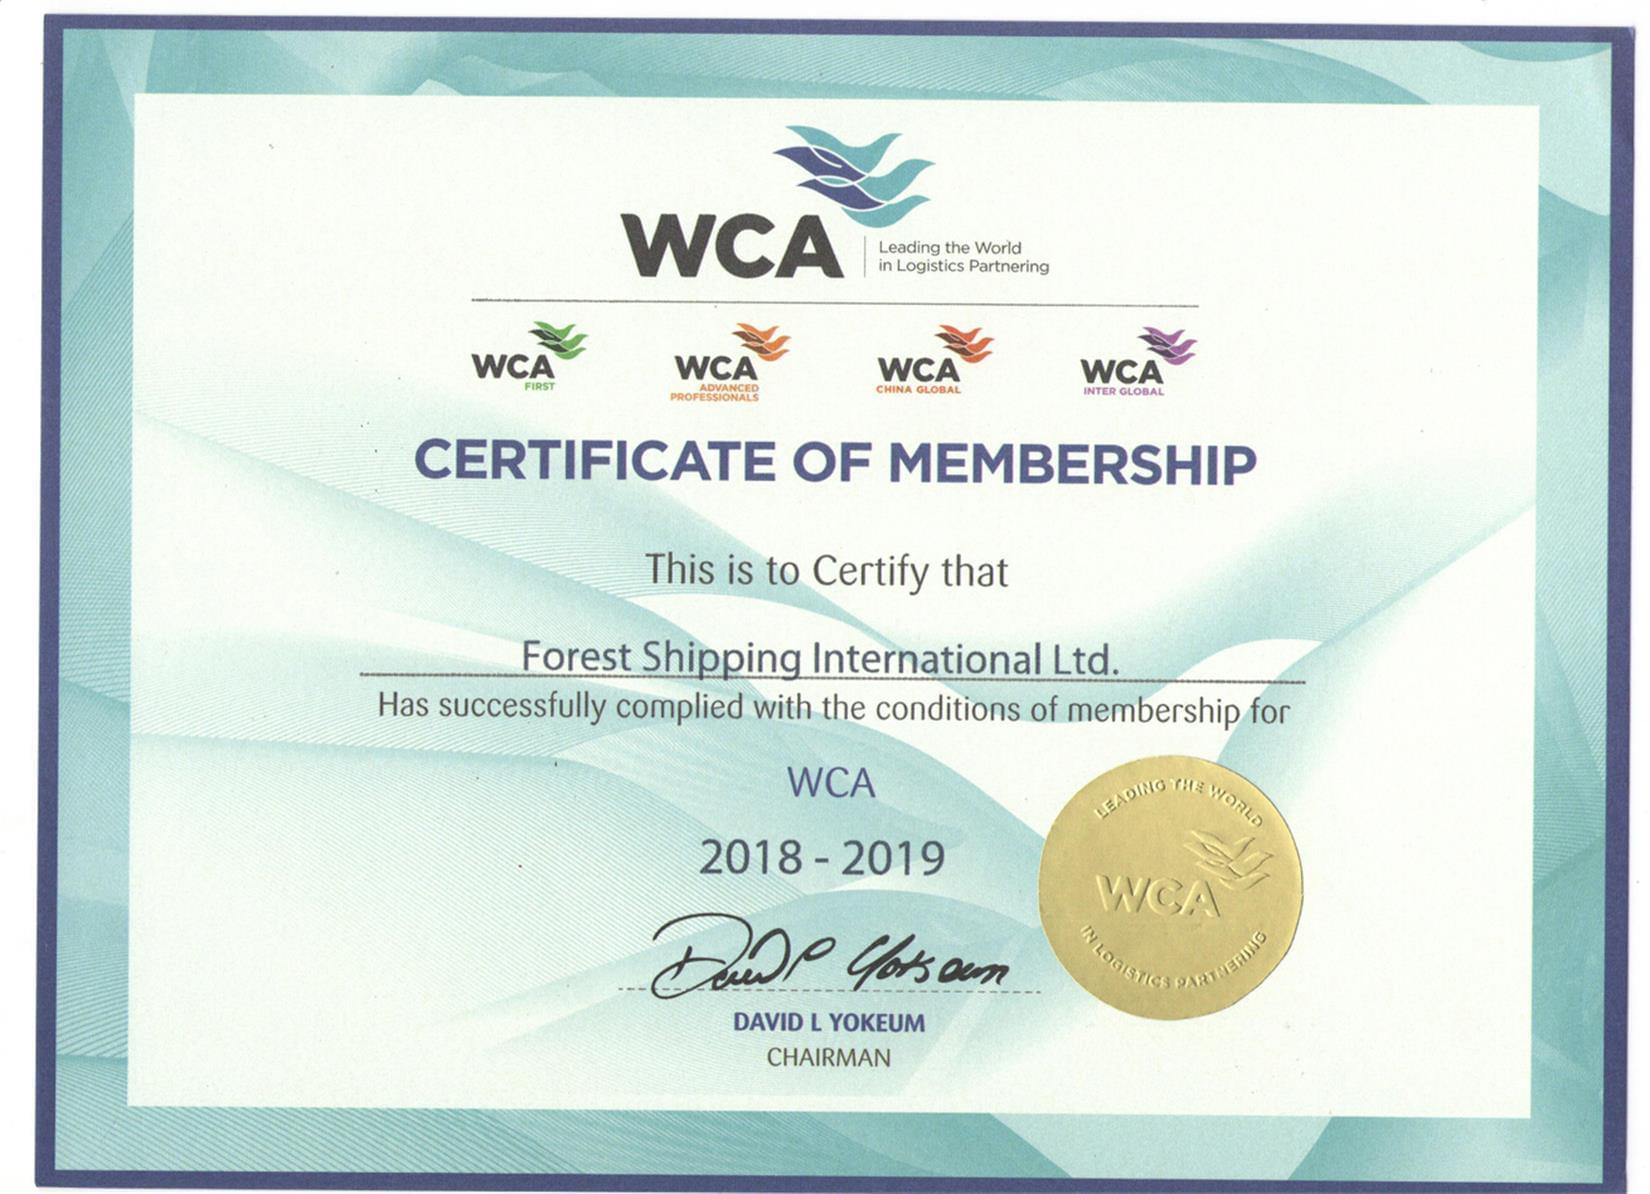 WCA 世界货物运输联盟会员证书